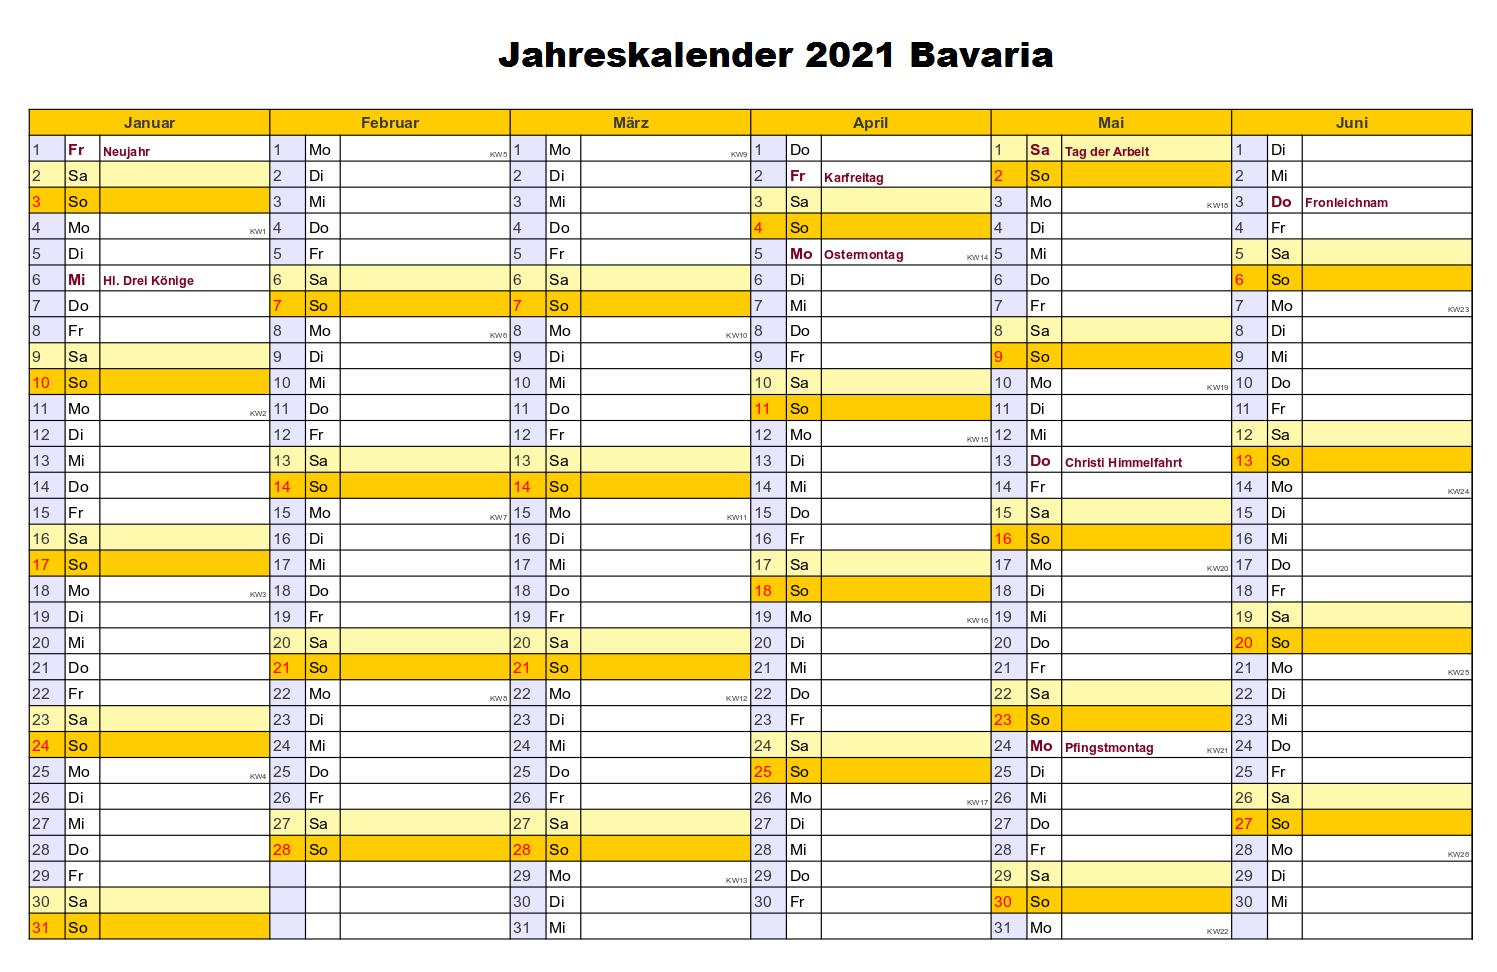 Kostenlos Jahreskalender 2021 Bavaria Zum Ausdrucken